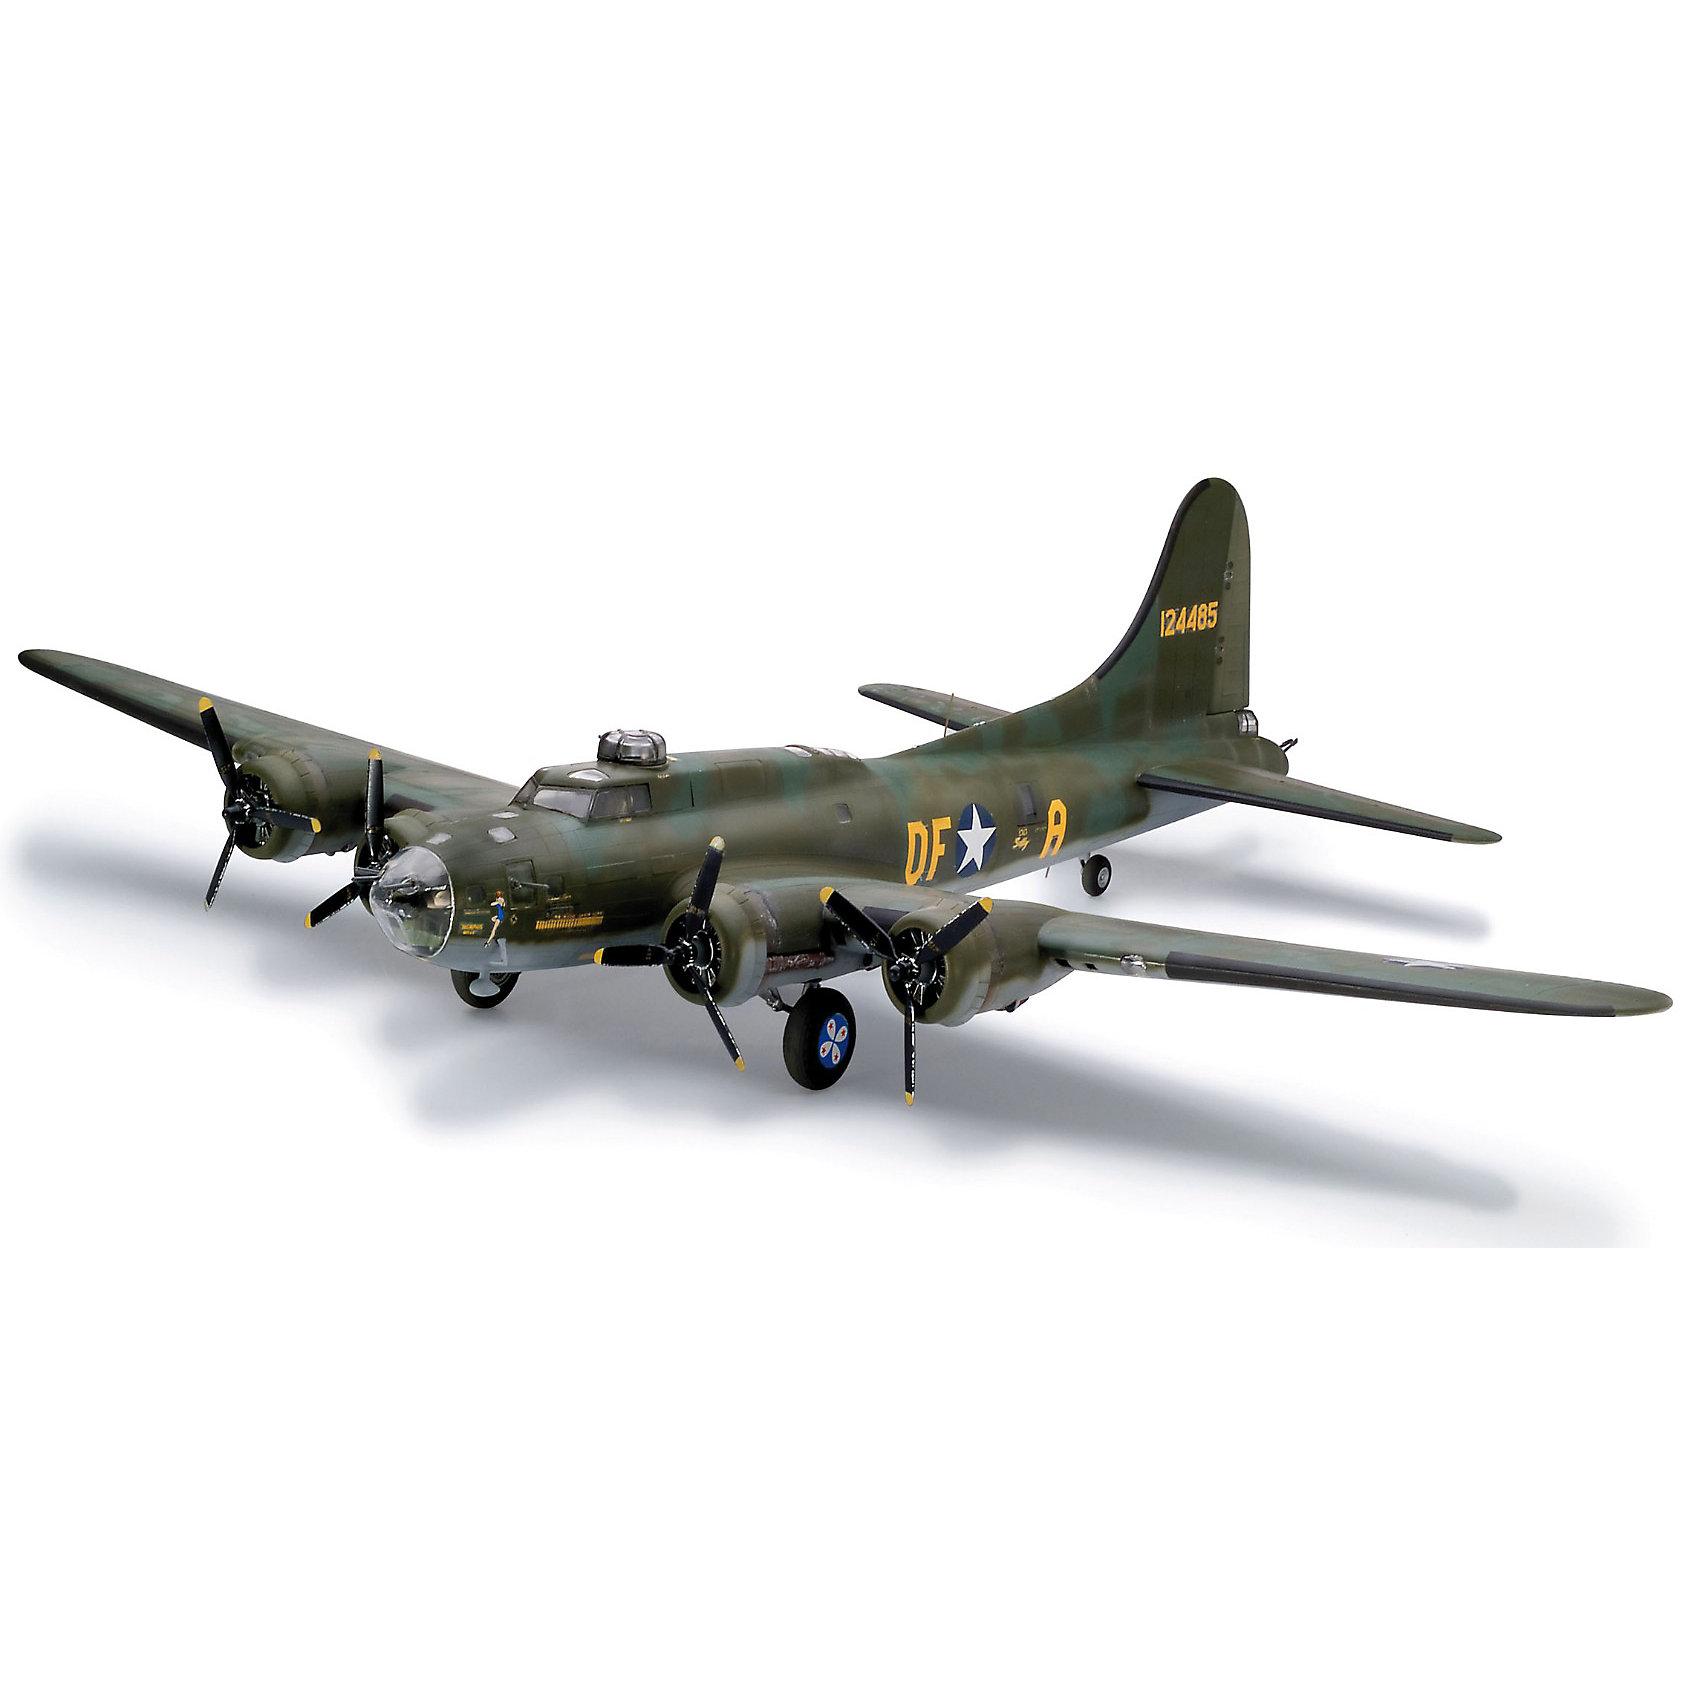 Самолет Boeing B-17F Memphis Belle; 1:48Модели для склеивания<br>Масштаб: 1:48; <br>Количество деталей: 107 шт.; <br>Длина модели: 494 мм.; <br>Размах крыльев: 656 мм; <br>Подойдет для детей старше 10-и лет. <br>Модель самолёта Boeing B-17F Memphis Belle от фирмы Revell является уменьшенной копией одноименного американского бомбардировщика. Впервые произведен в 1942 году в США. Модель станет отличным украшением комнаты и дополнением Вашей коллекции. <br>Технические характеристики настоящего самолета:  <br>Мощность двигателей: 4х882 kW; <br>Максимальная скорость: 526 км/ч; <br>ВНИМАНИЕ: Клей, краски и кисточки приобретаются отдельно.<br><br>Ширина мм: 510<br>Глубина мм: 363<br>Высота мм: 91<br>Вес г: 863<br>Возраст от месяцев: 168<br>Возраст до месяцев: 228<br>Пол: Мужской<br>Возраст: Детский<br>SKU: 1767266